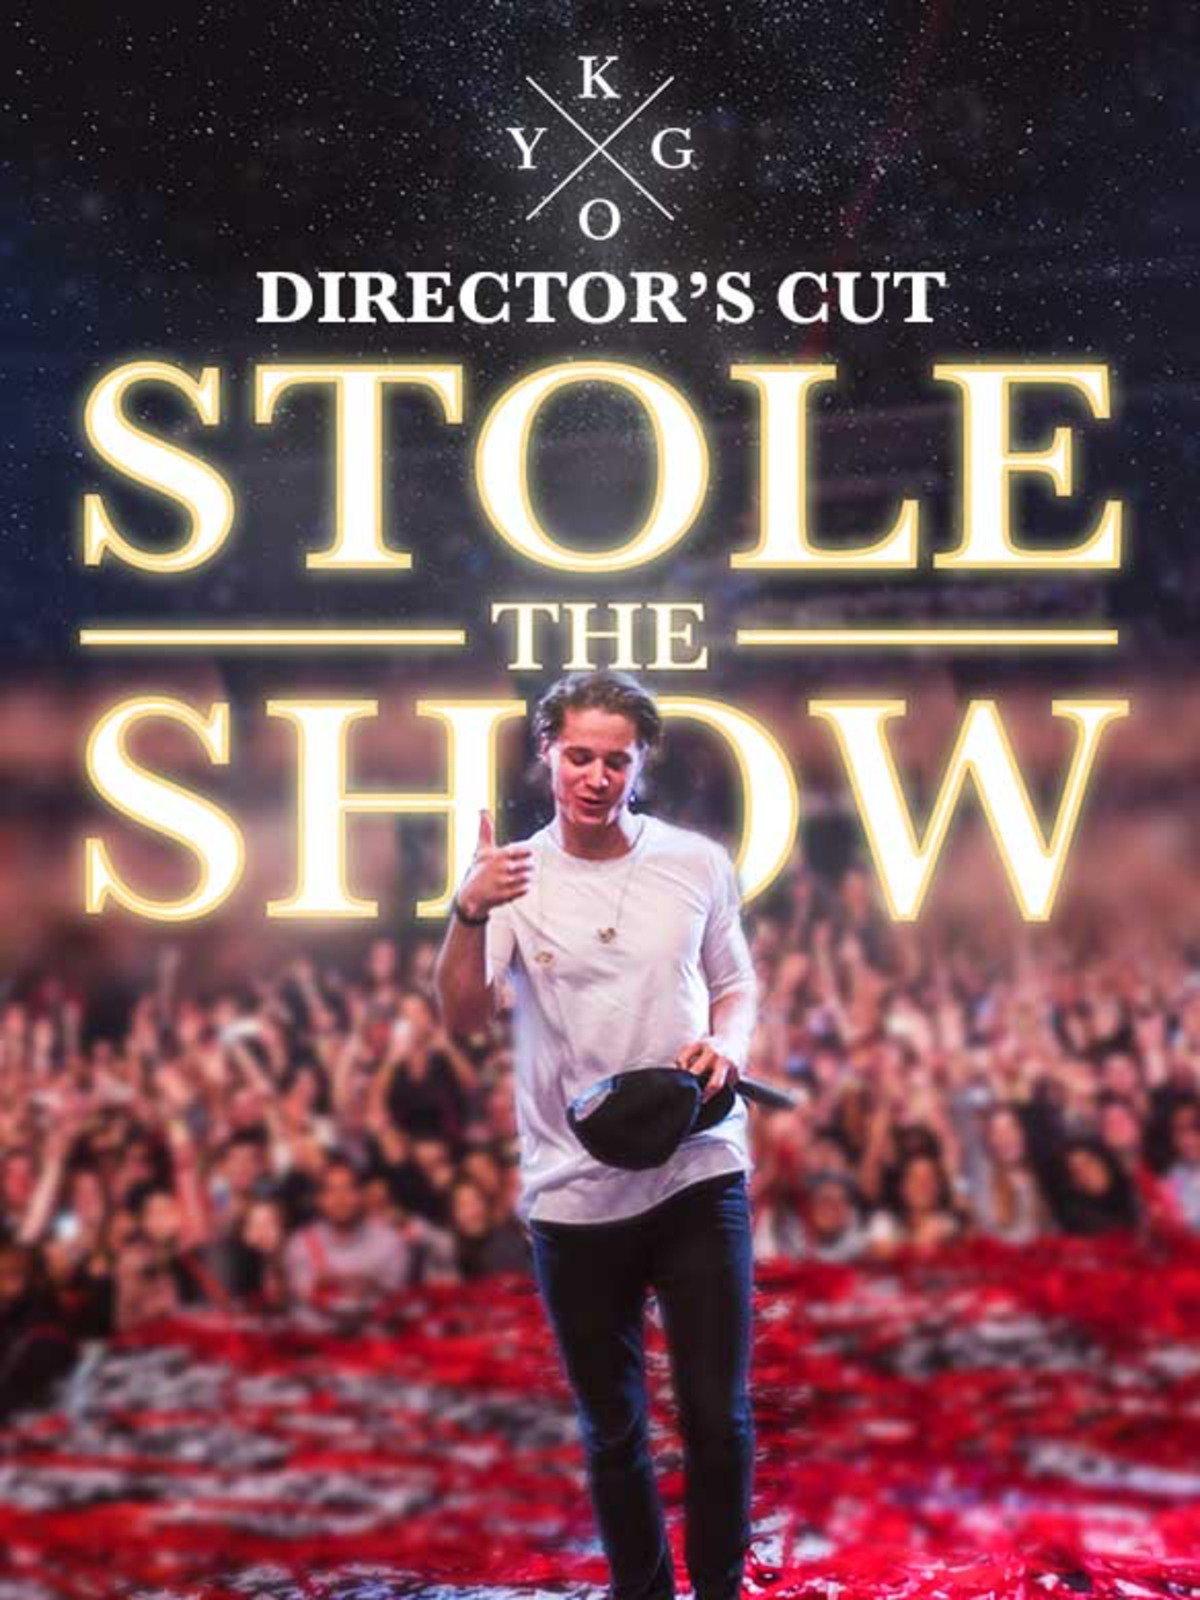 Kygo: Stole The Show - Director's Cut